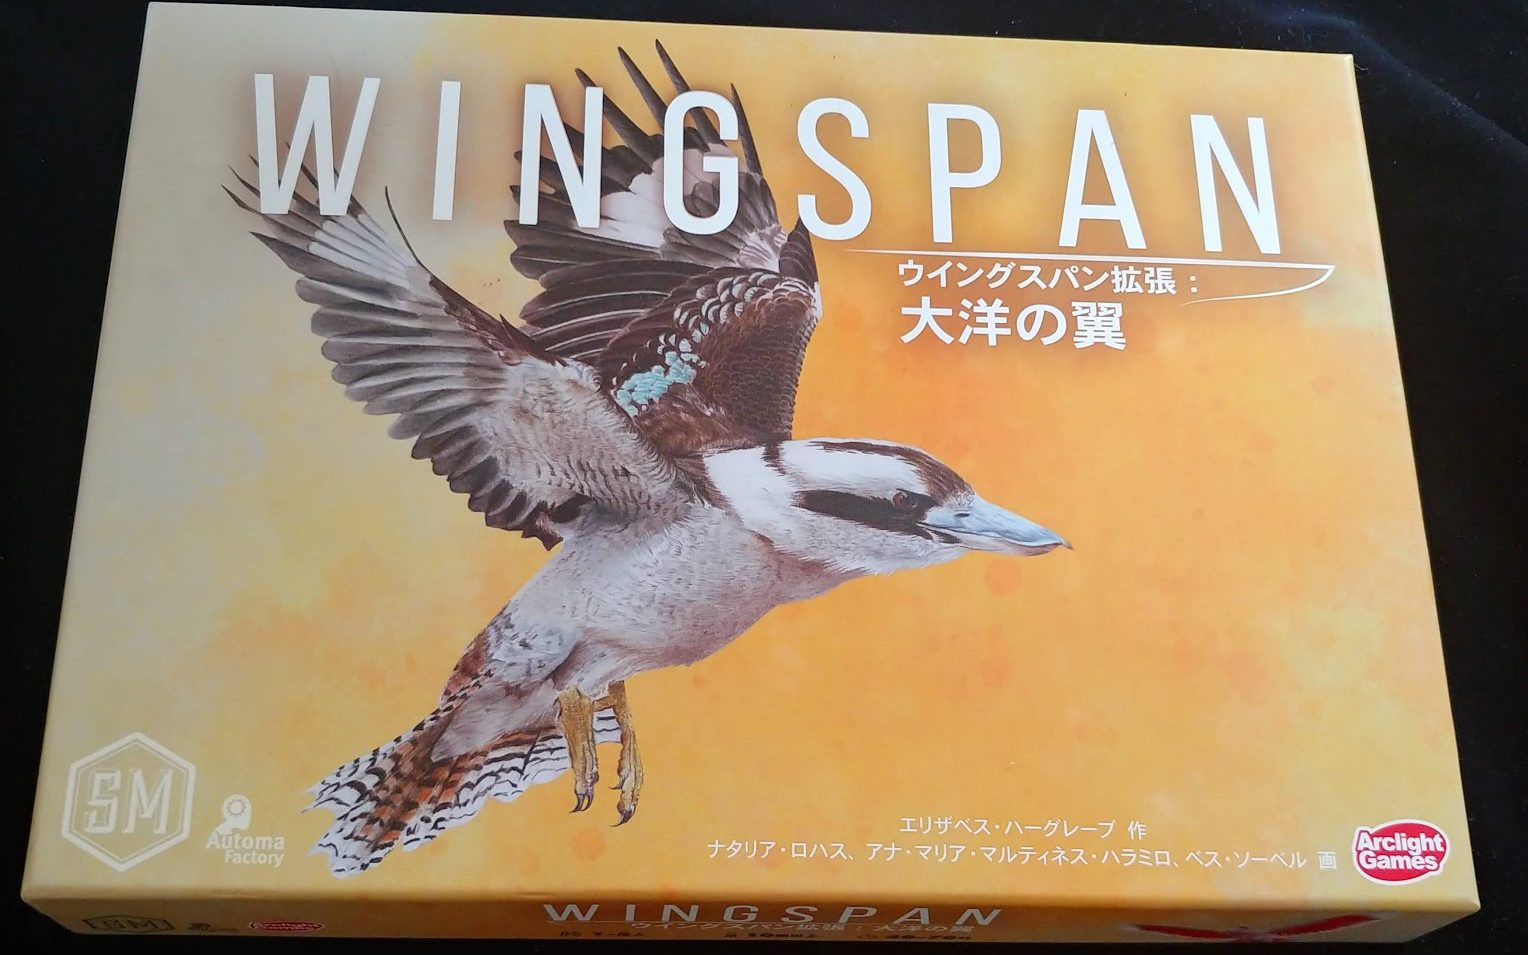 ウイングスパン_大洋の翼